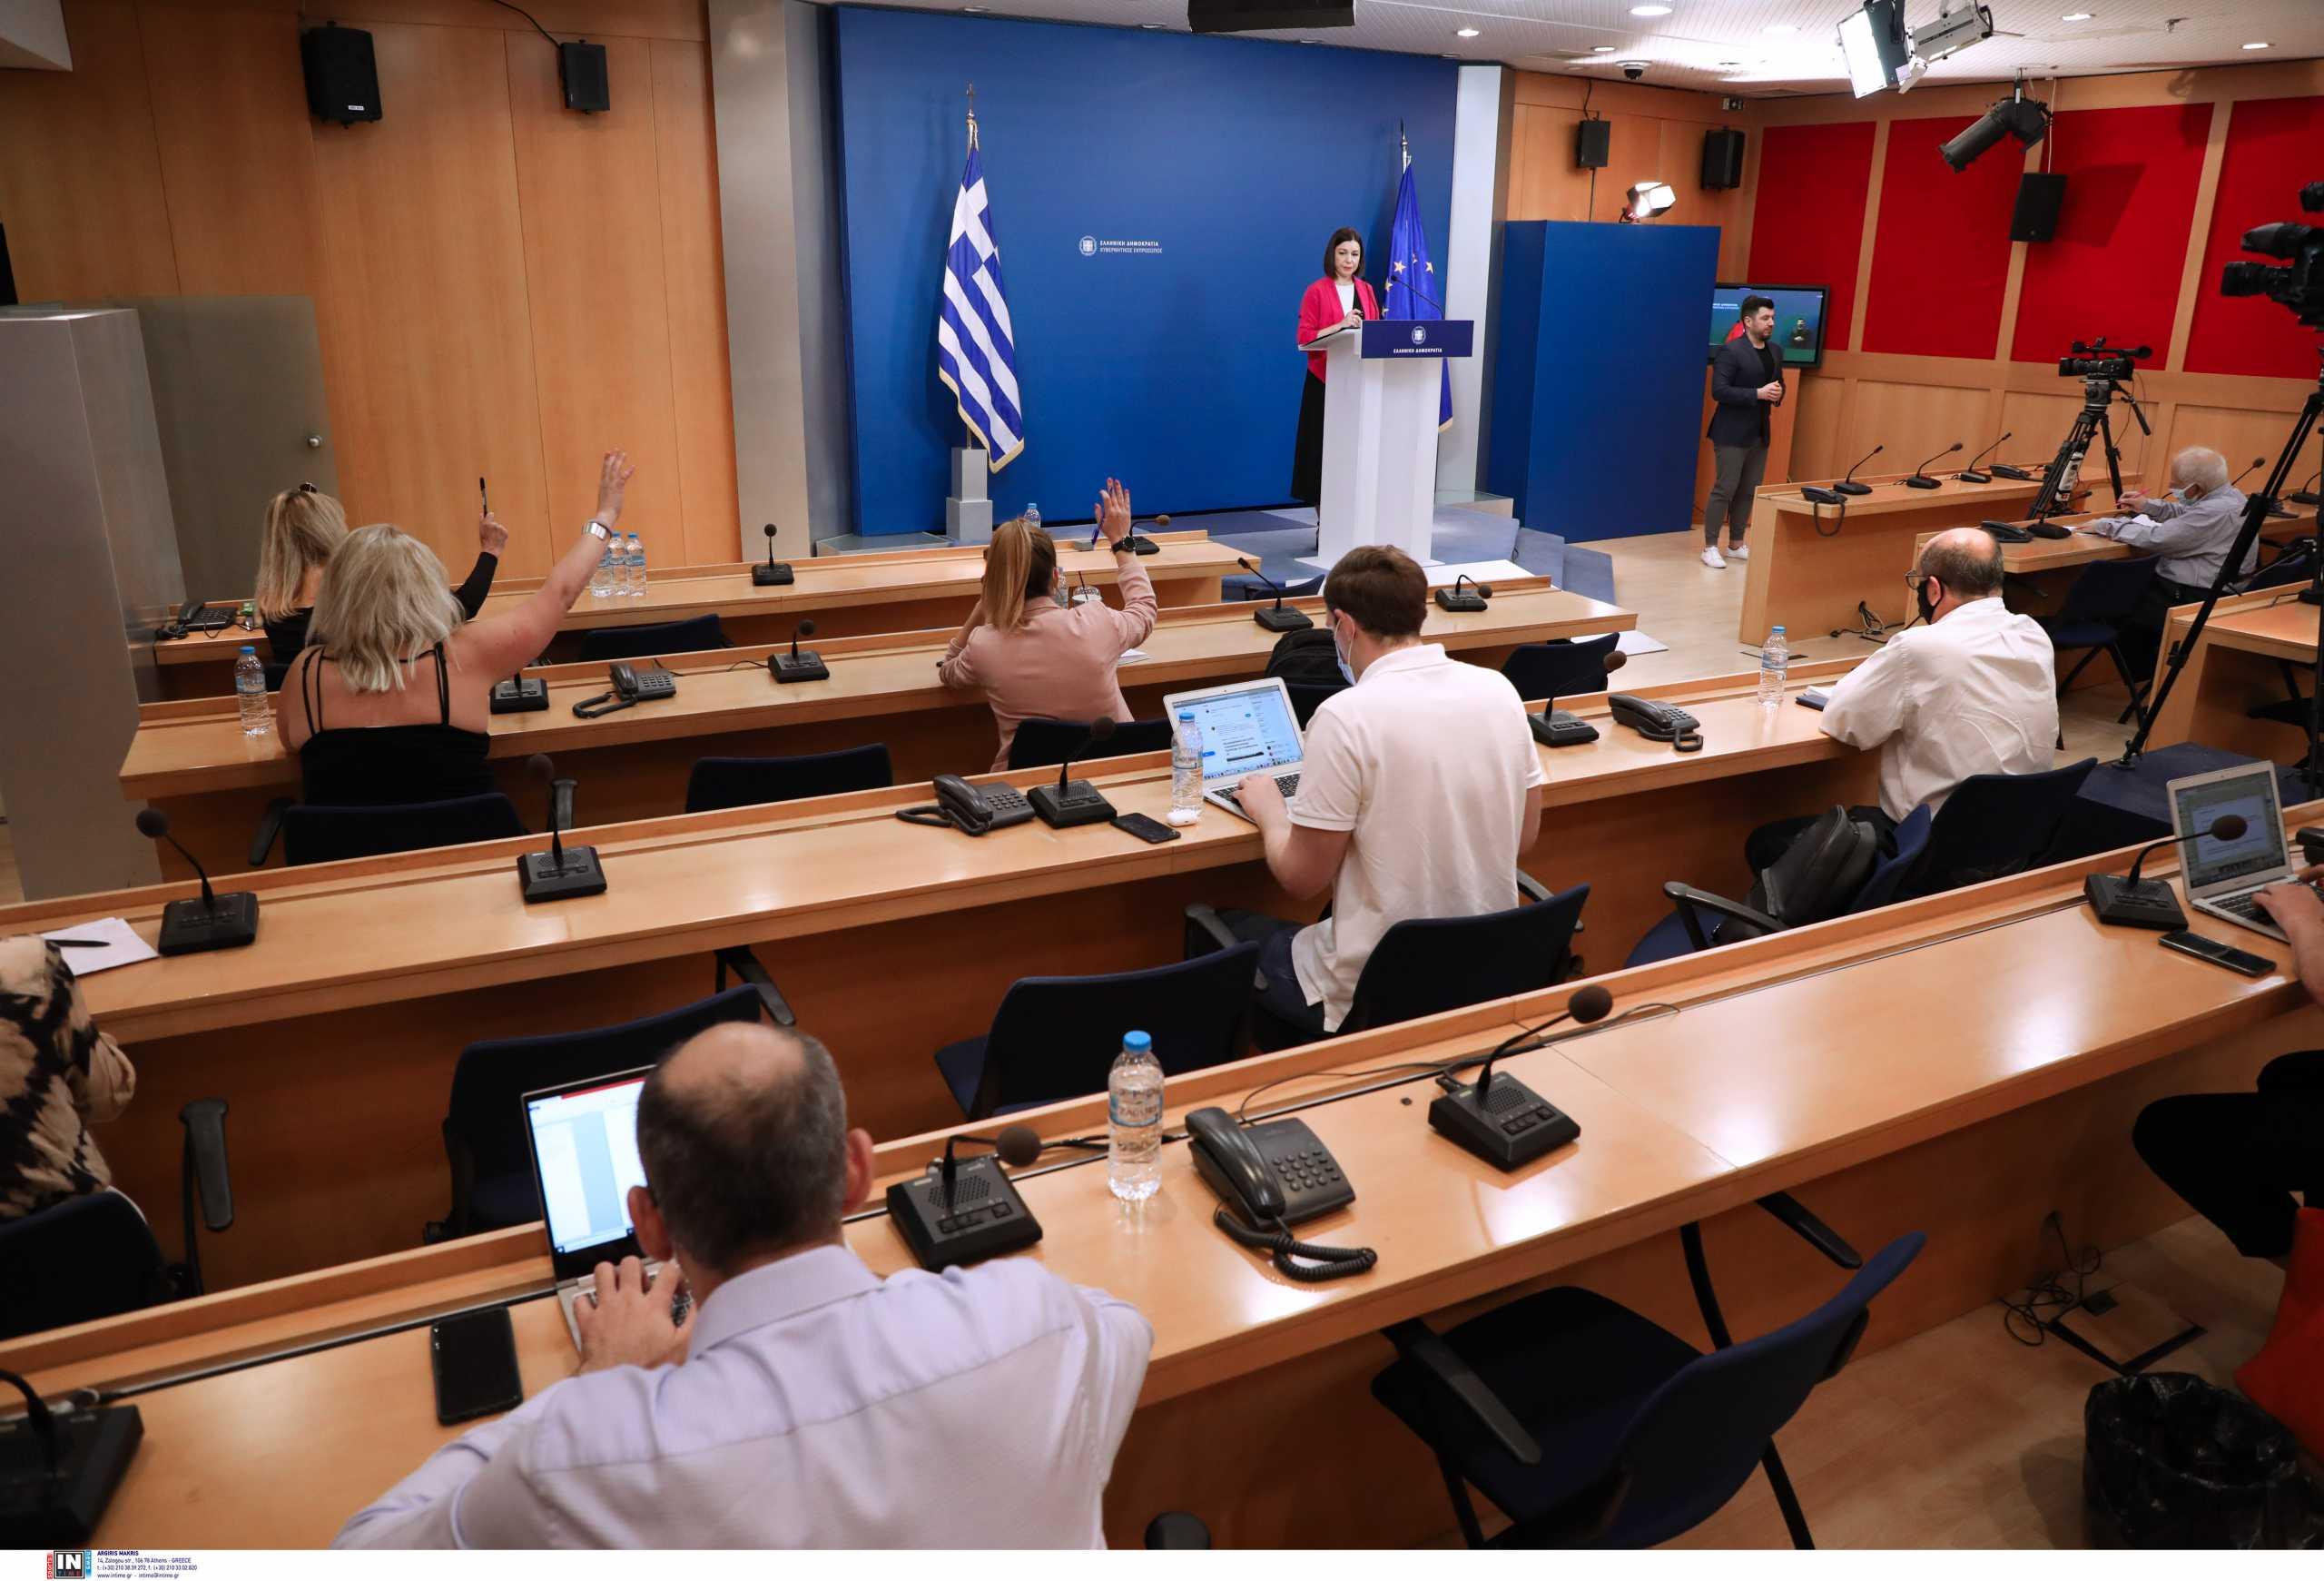 Η ενημέρωση από την κυβερνητική εκπρόσωπο, Αριστοτελία Πελώνη